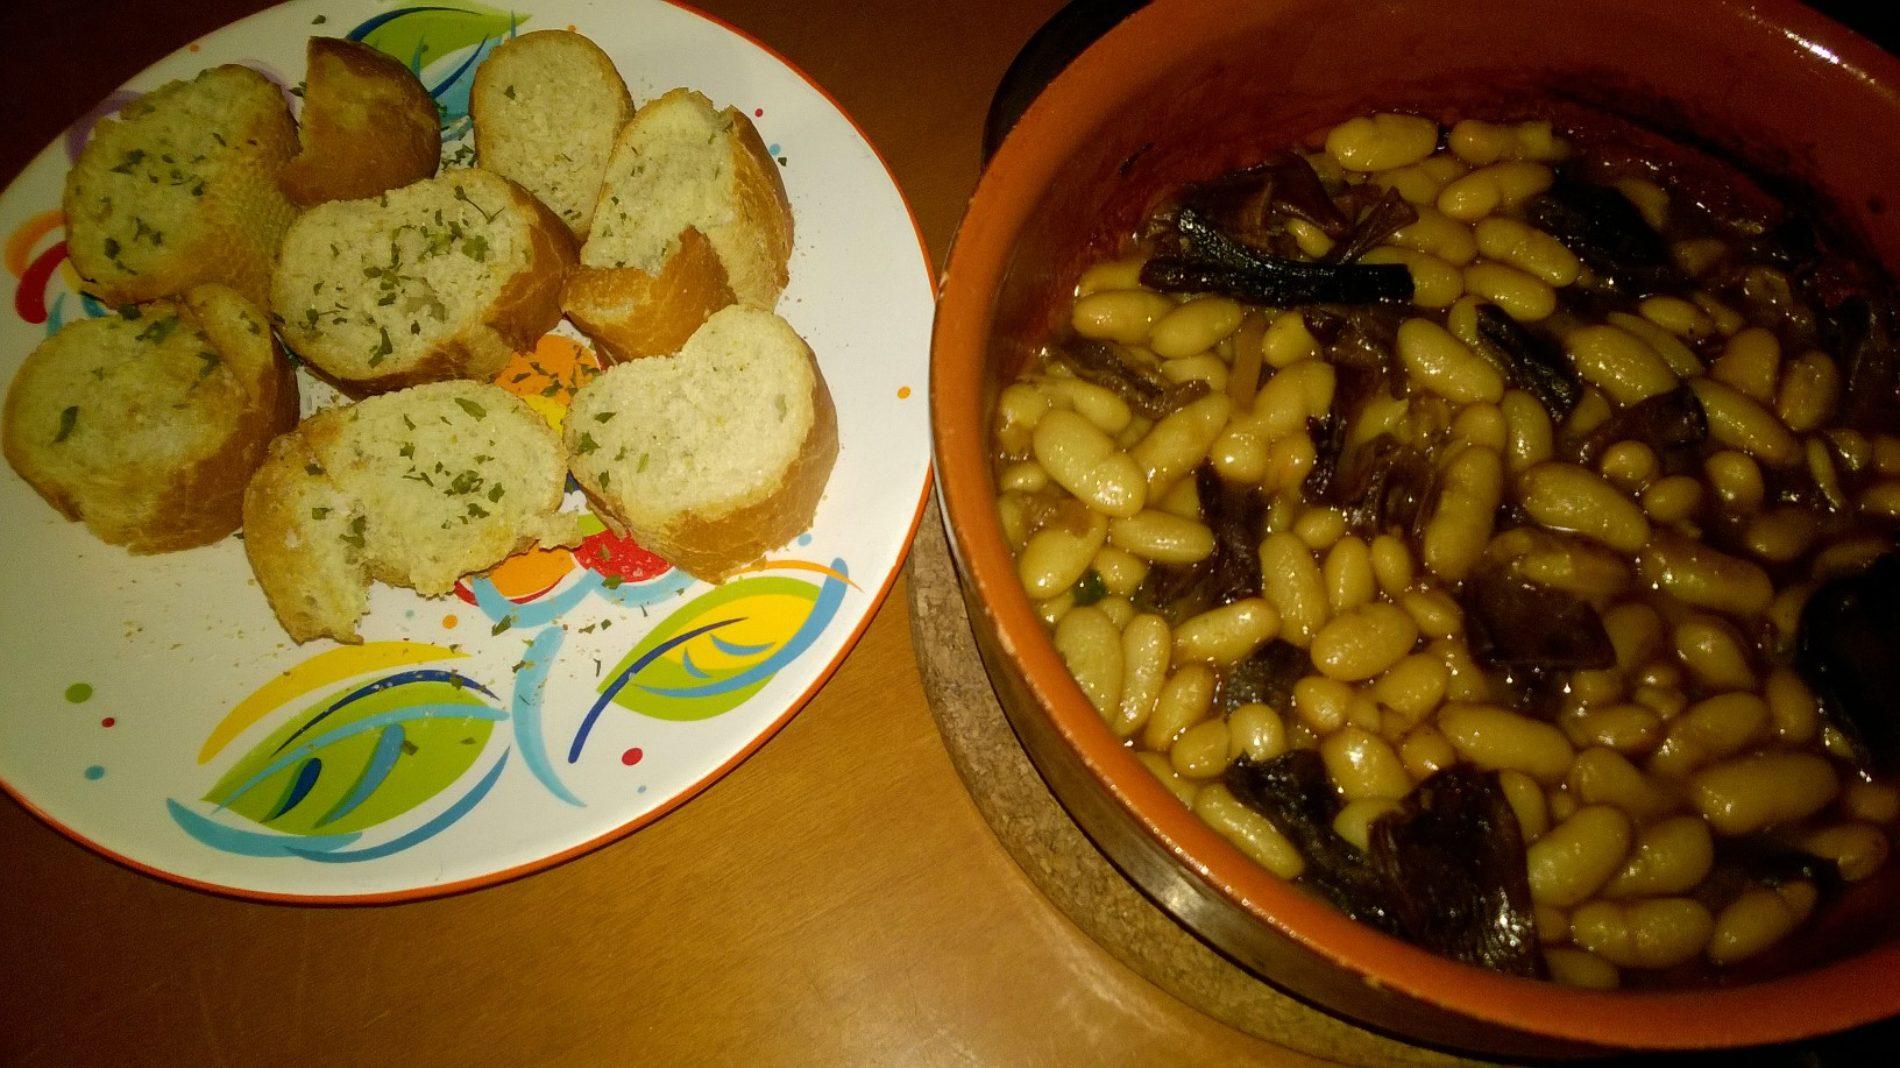 Zuppa di fagioli cannellini ai funghi porcini con crostini